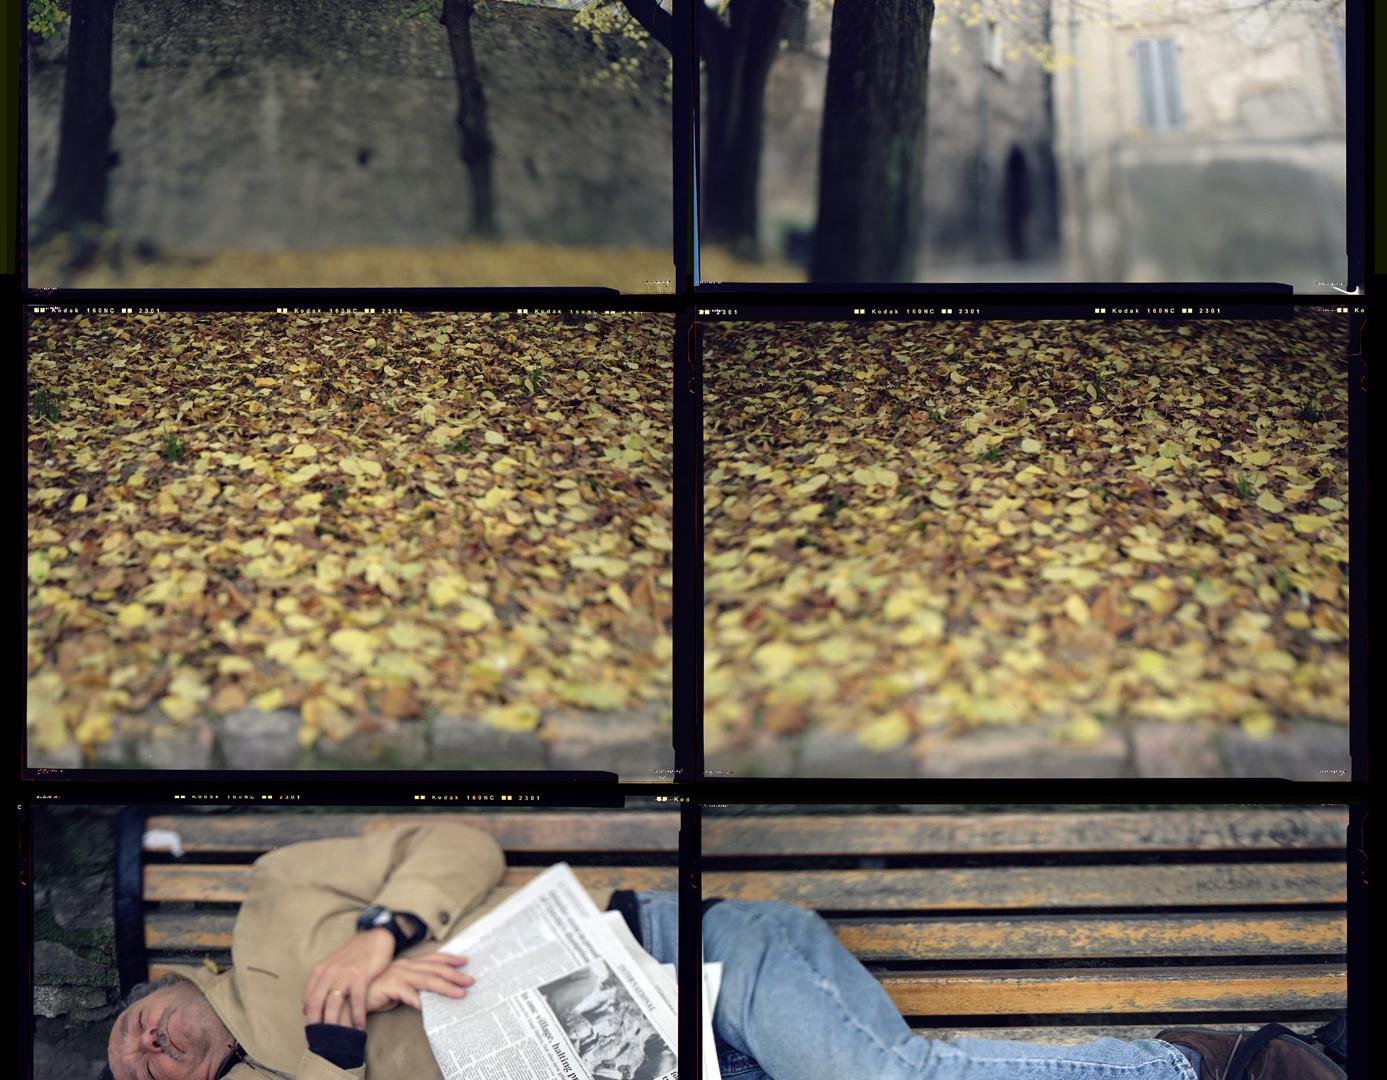 JoAnn Verburg, Underground, 2005